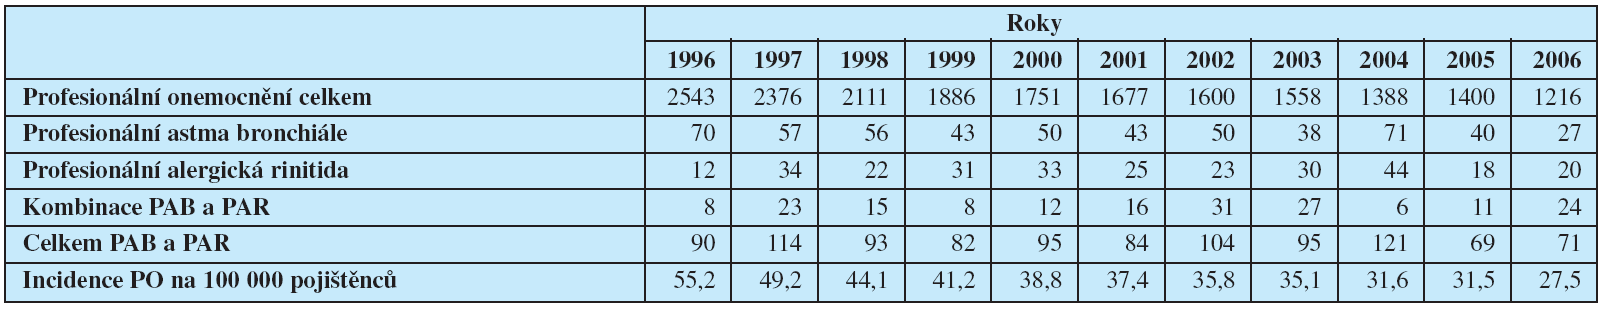 Profesionální onemocnění a profesionální astma bronchiále a alergické rinitidy hlášené v České republice v letech 1996-2006